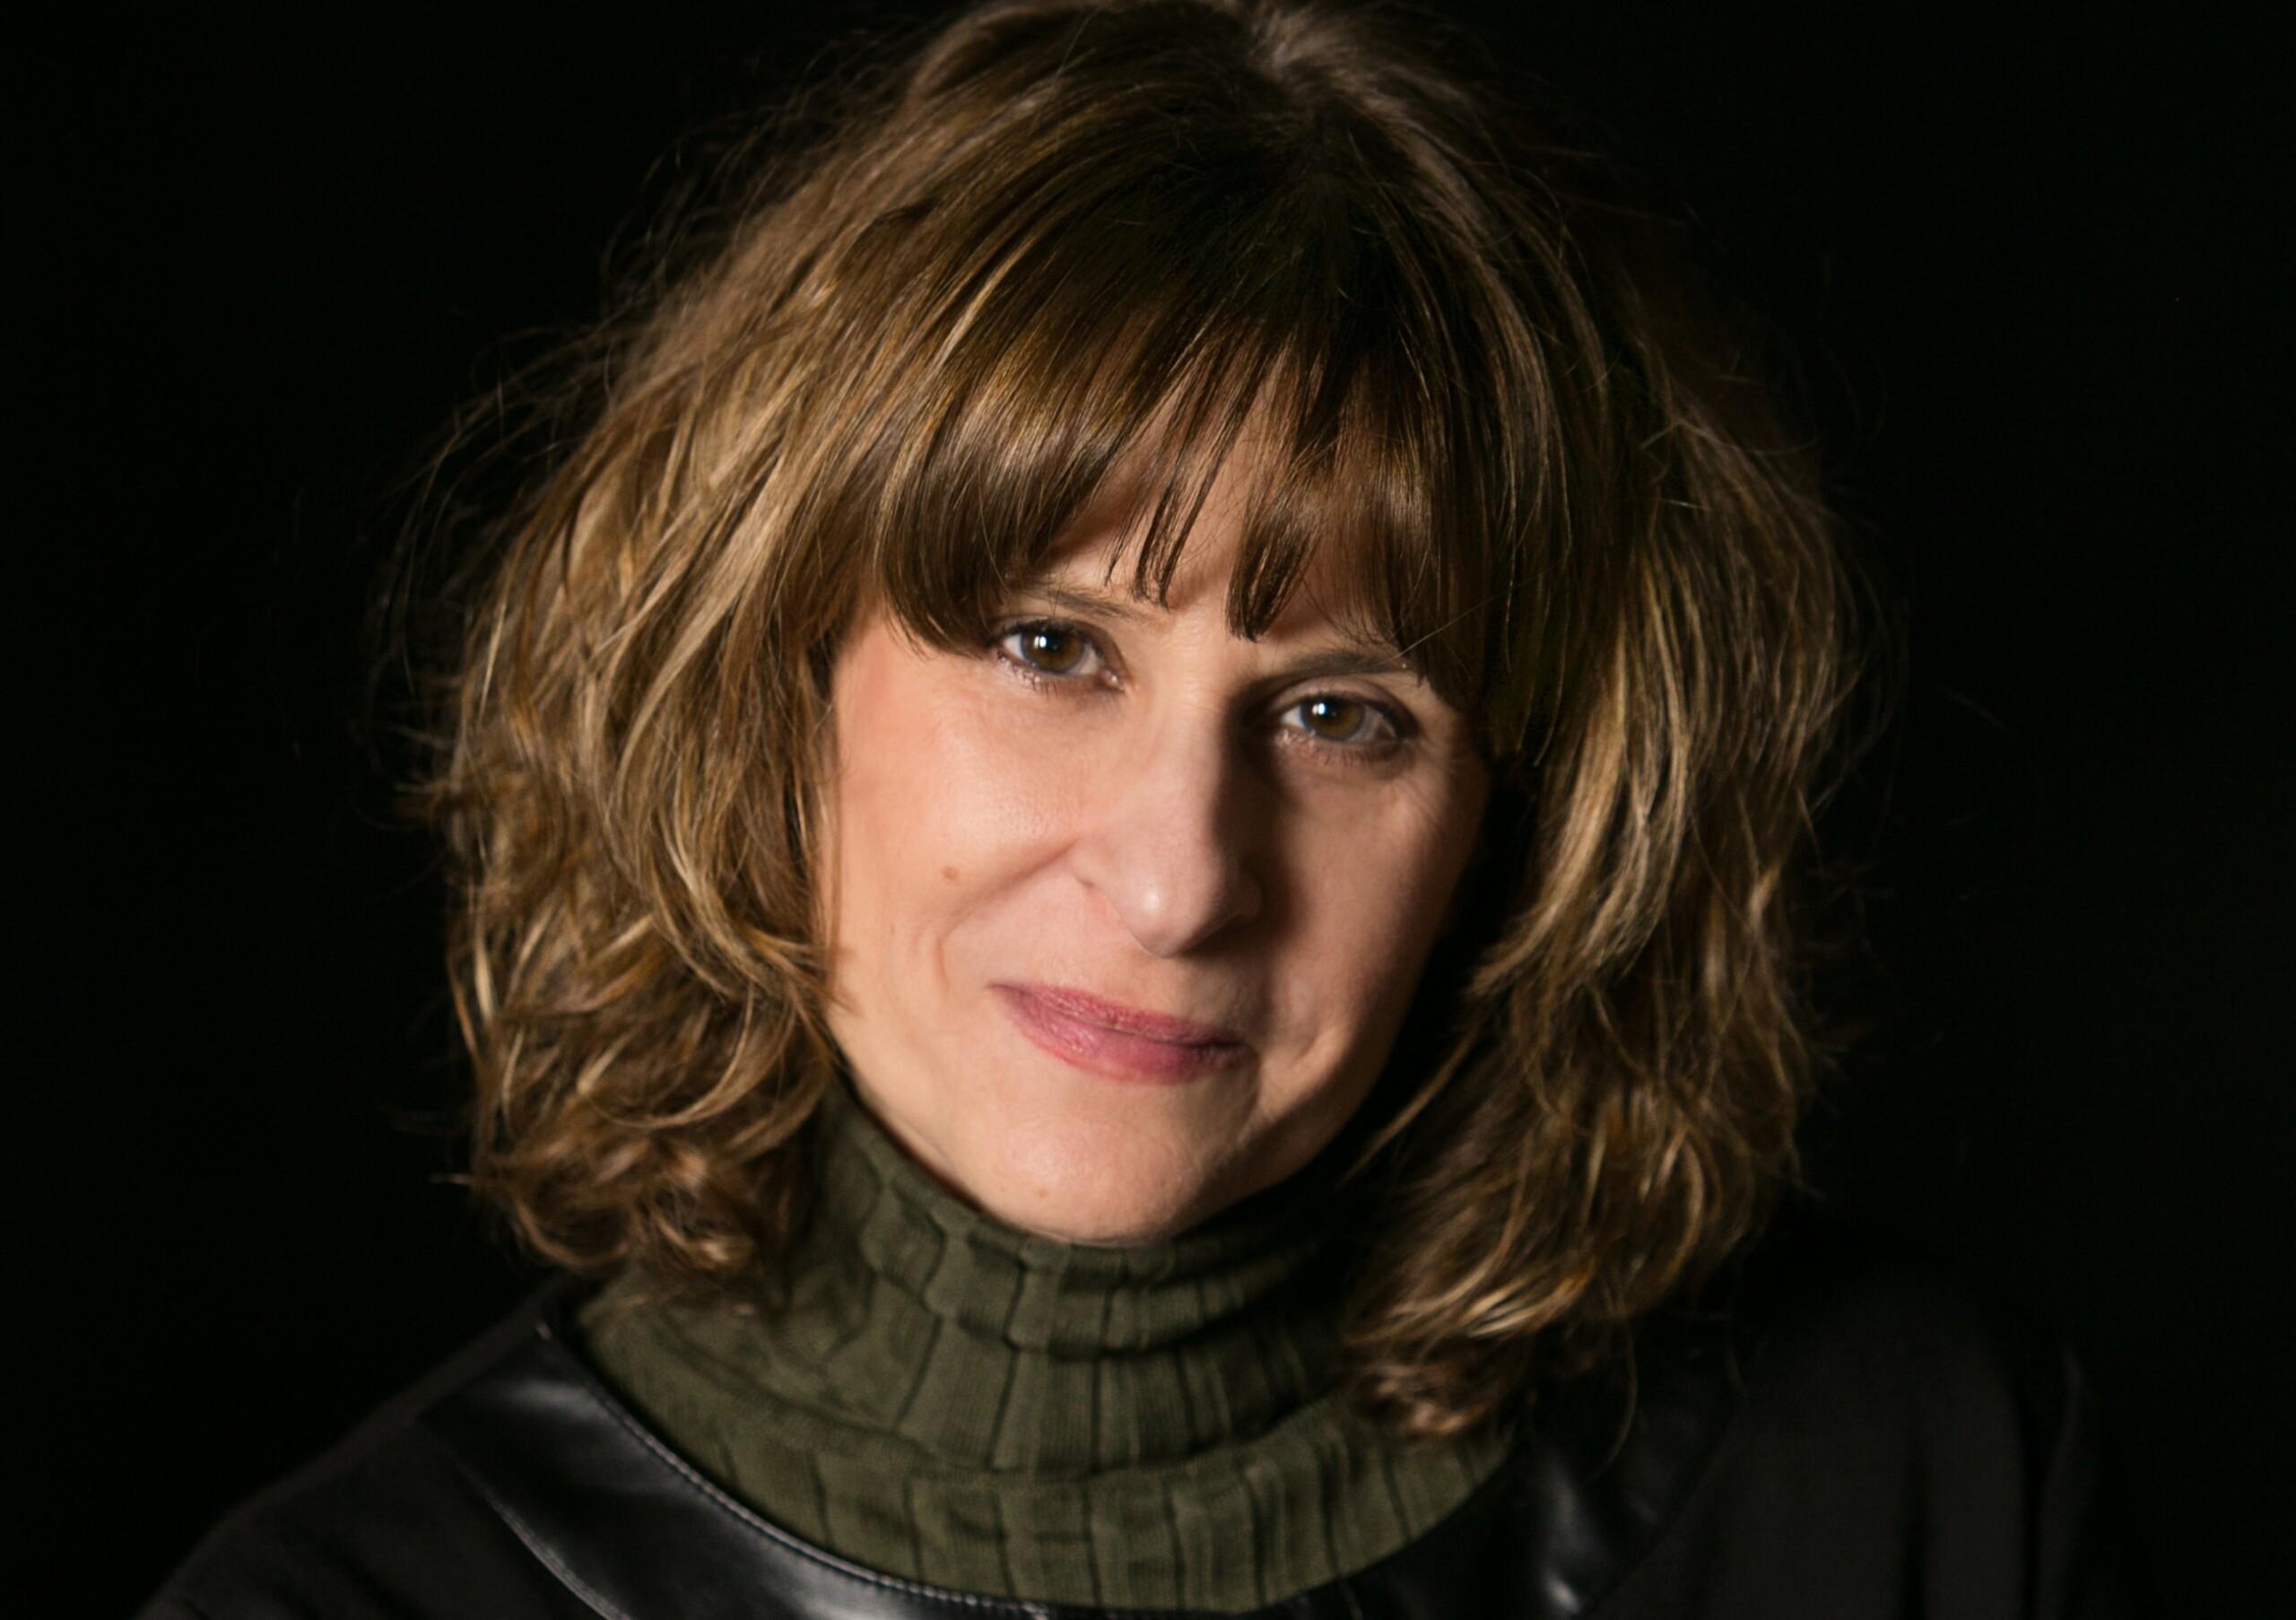 Αικατερίνη Μάτση: Έχει η εγκληματικότητα εθνική ταυτότητα ;